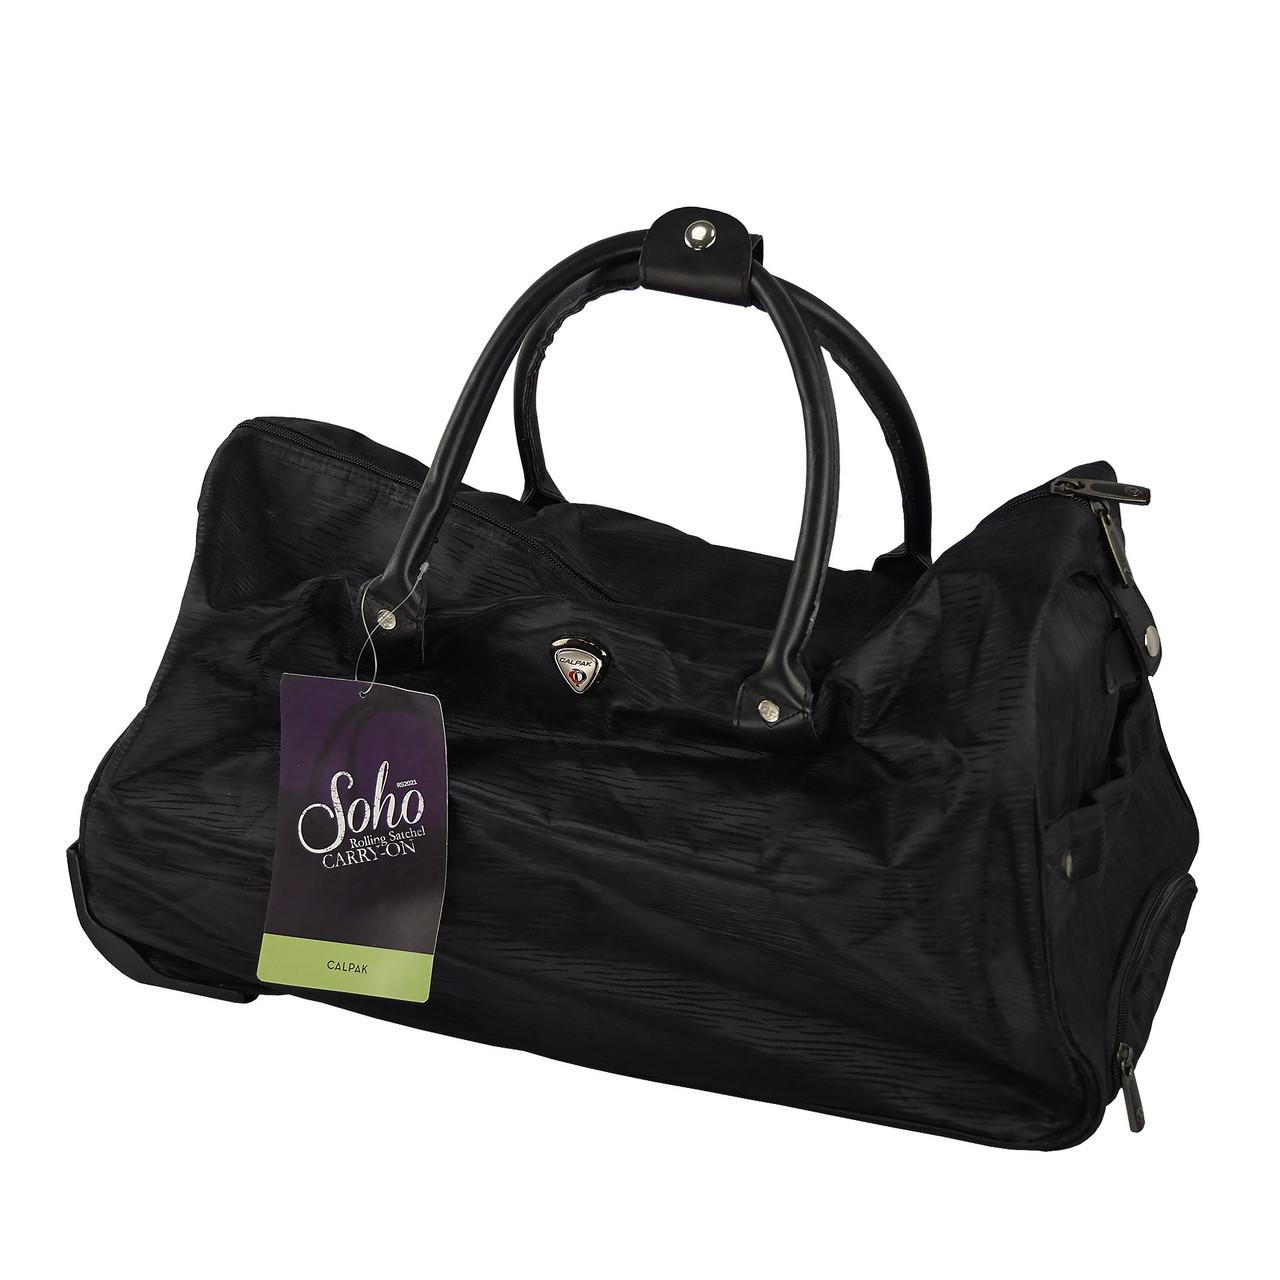 6861c1c781ce Дорожная сумка на колесах Calpak | дорожные сумки (дорожні сумки)| Это  конкурент